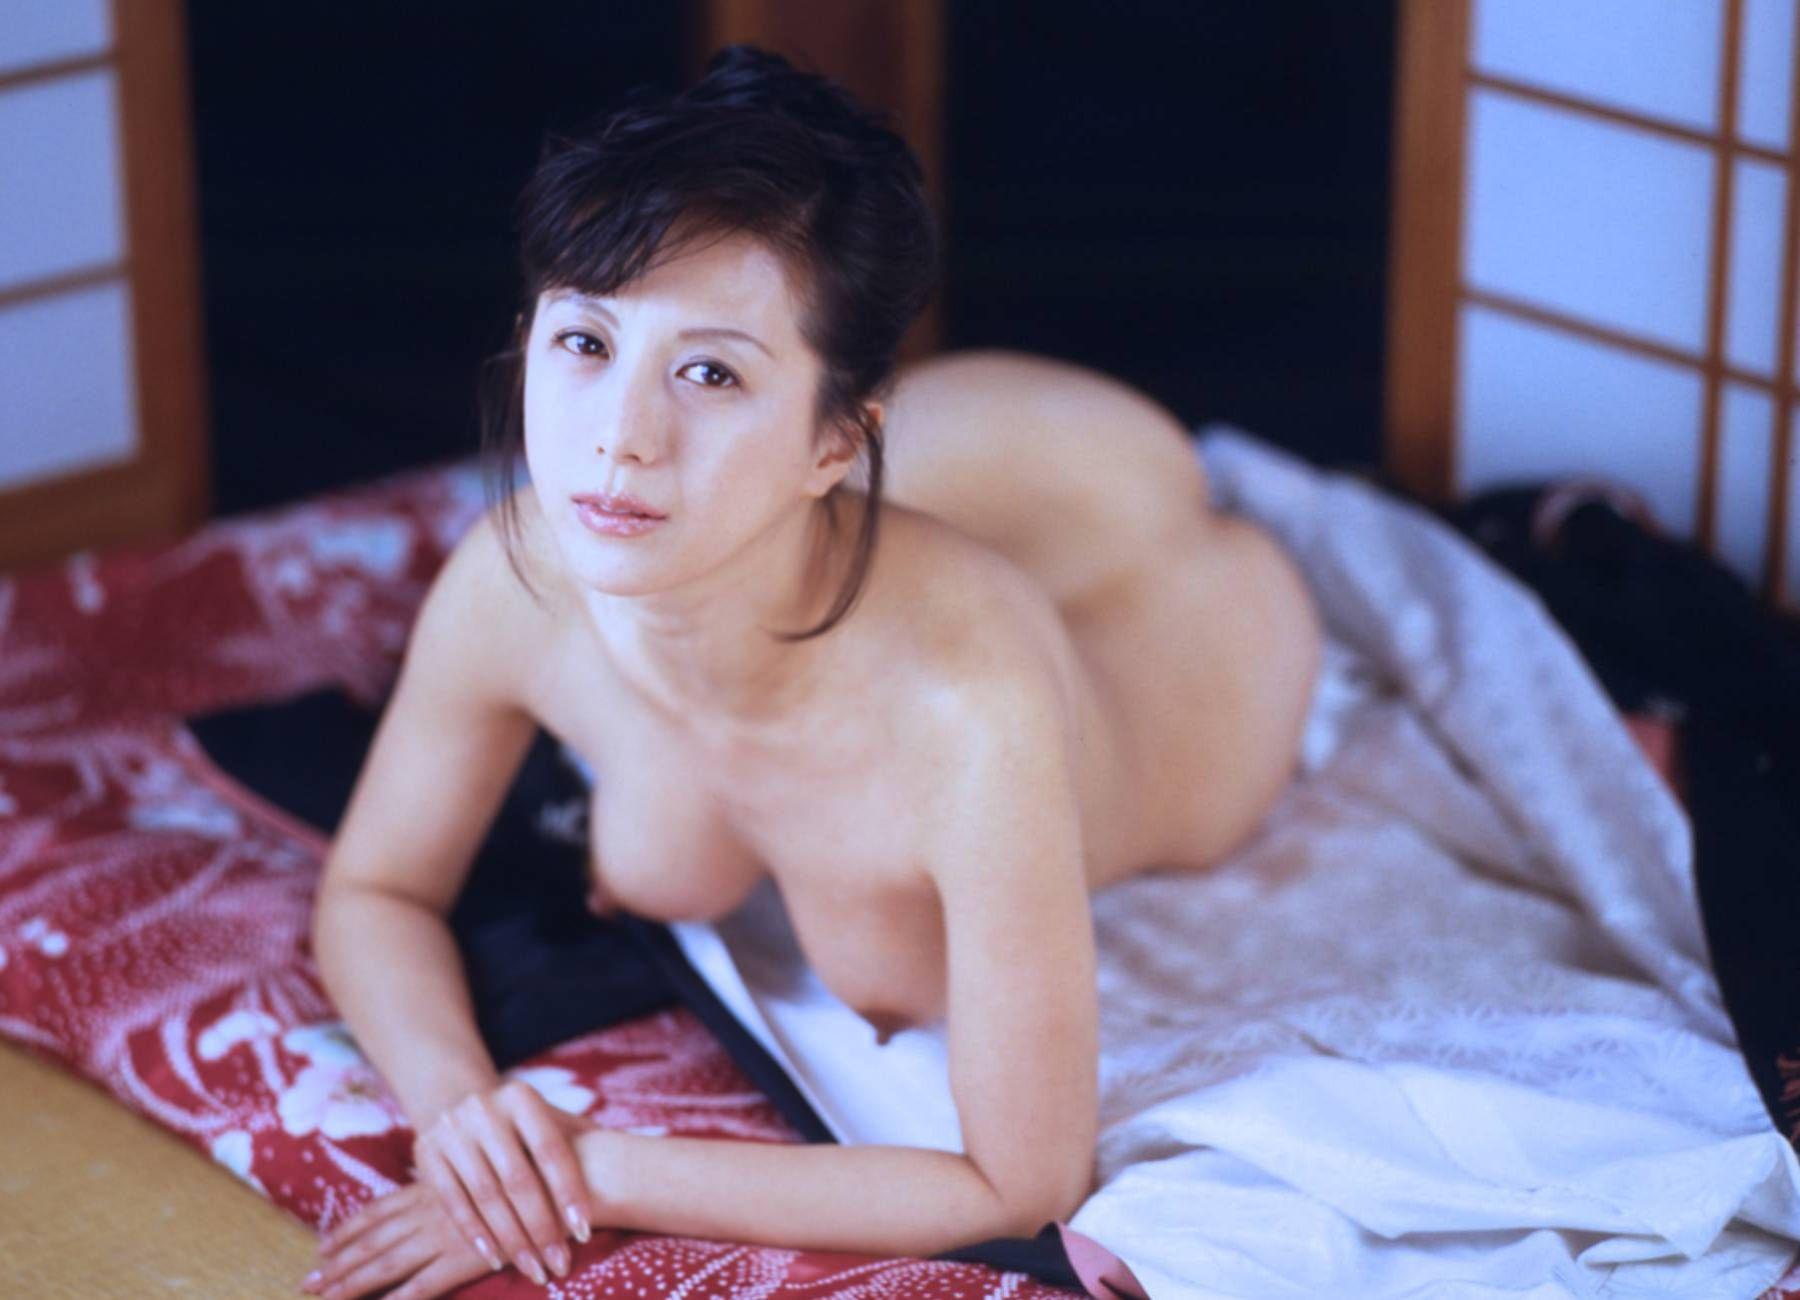 完全熟女 小林ひとみ 39歳vol.001 緊縛婦人の憂鬱 111photos